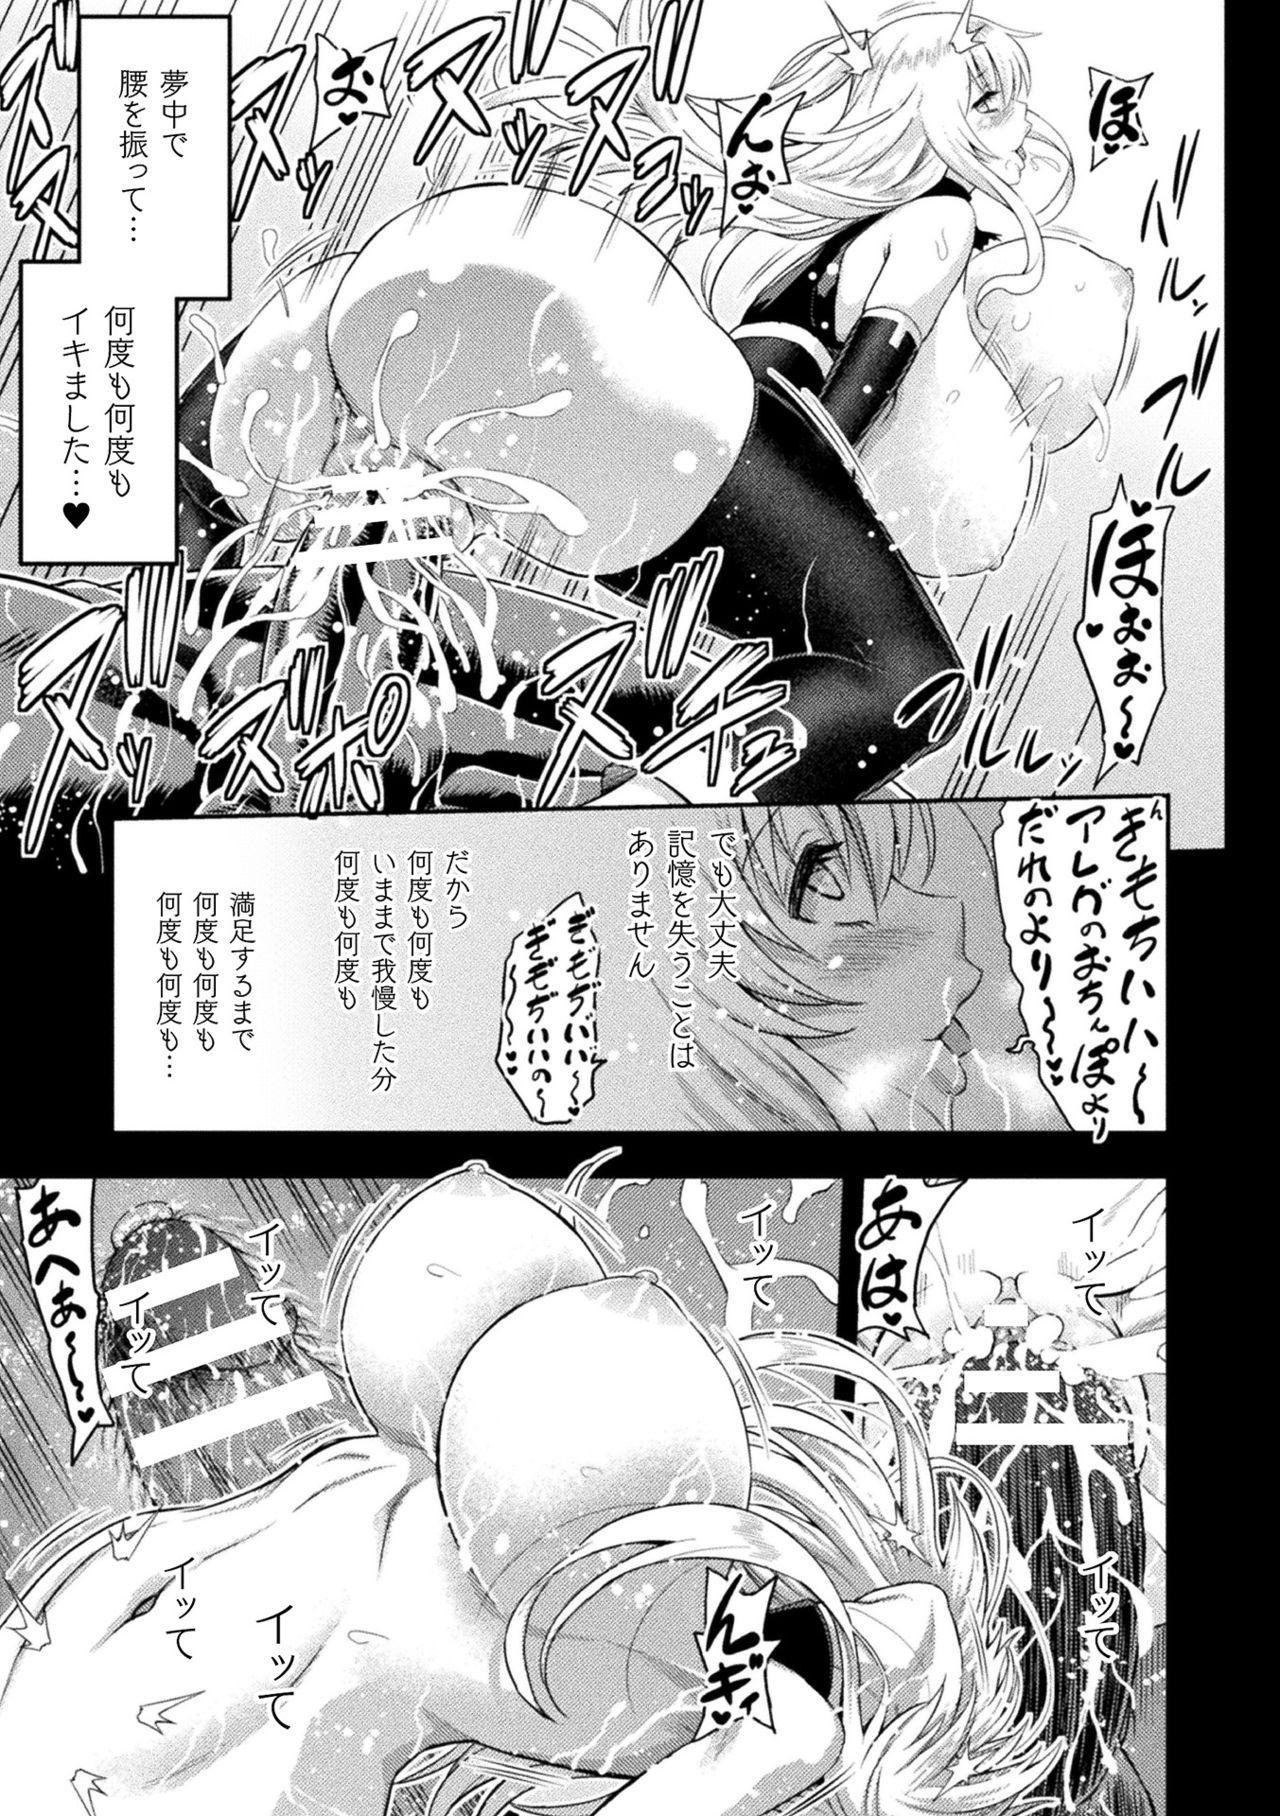 ERONA Orc no Inmon ni Okasareta Onna Kishi no Matsuro 160